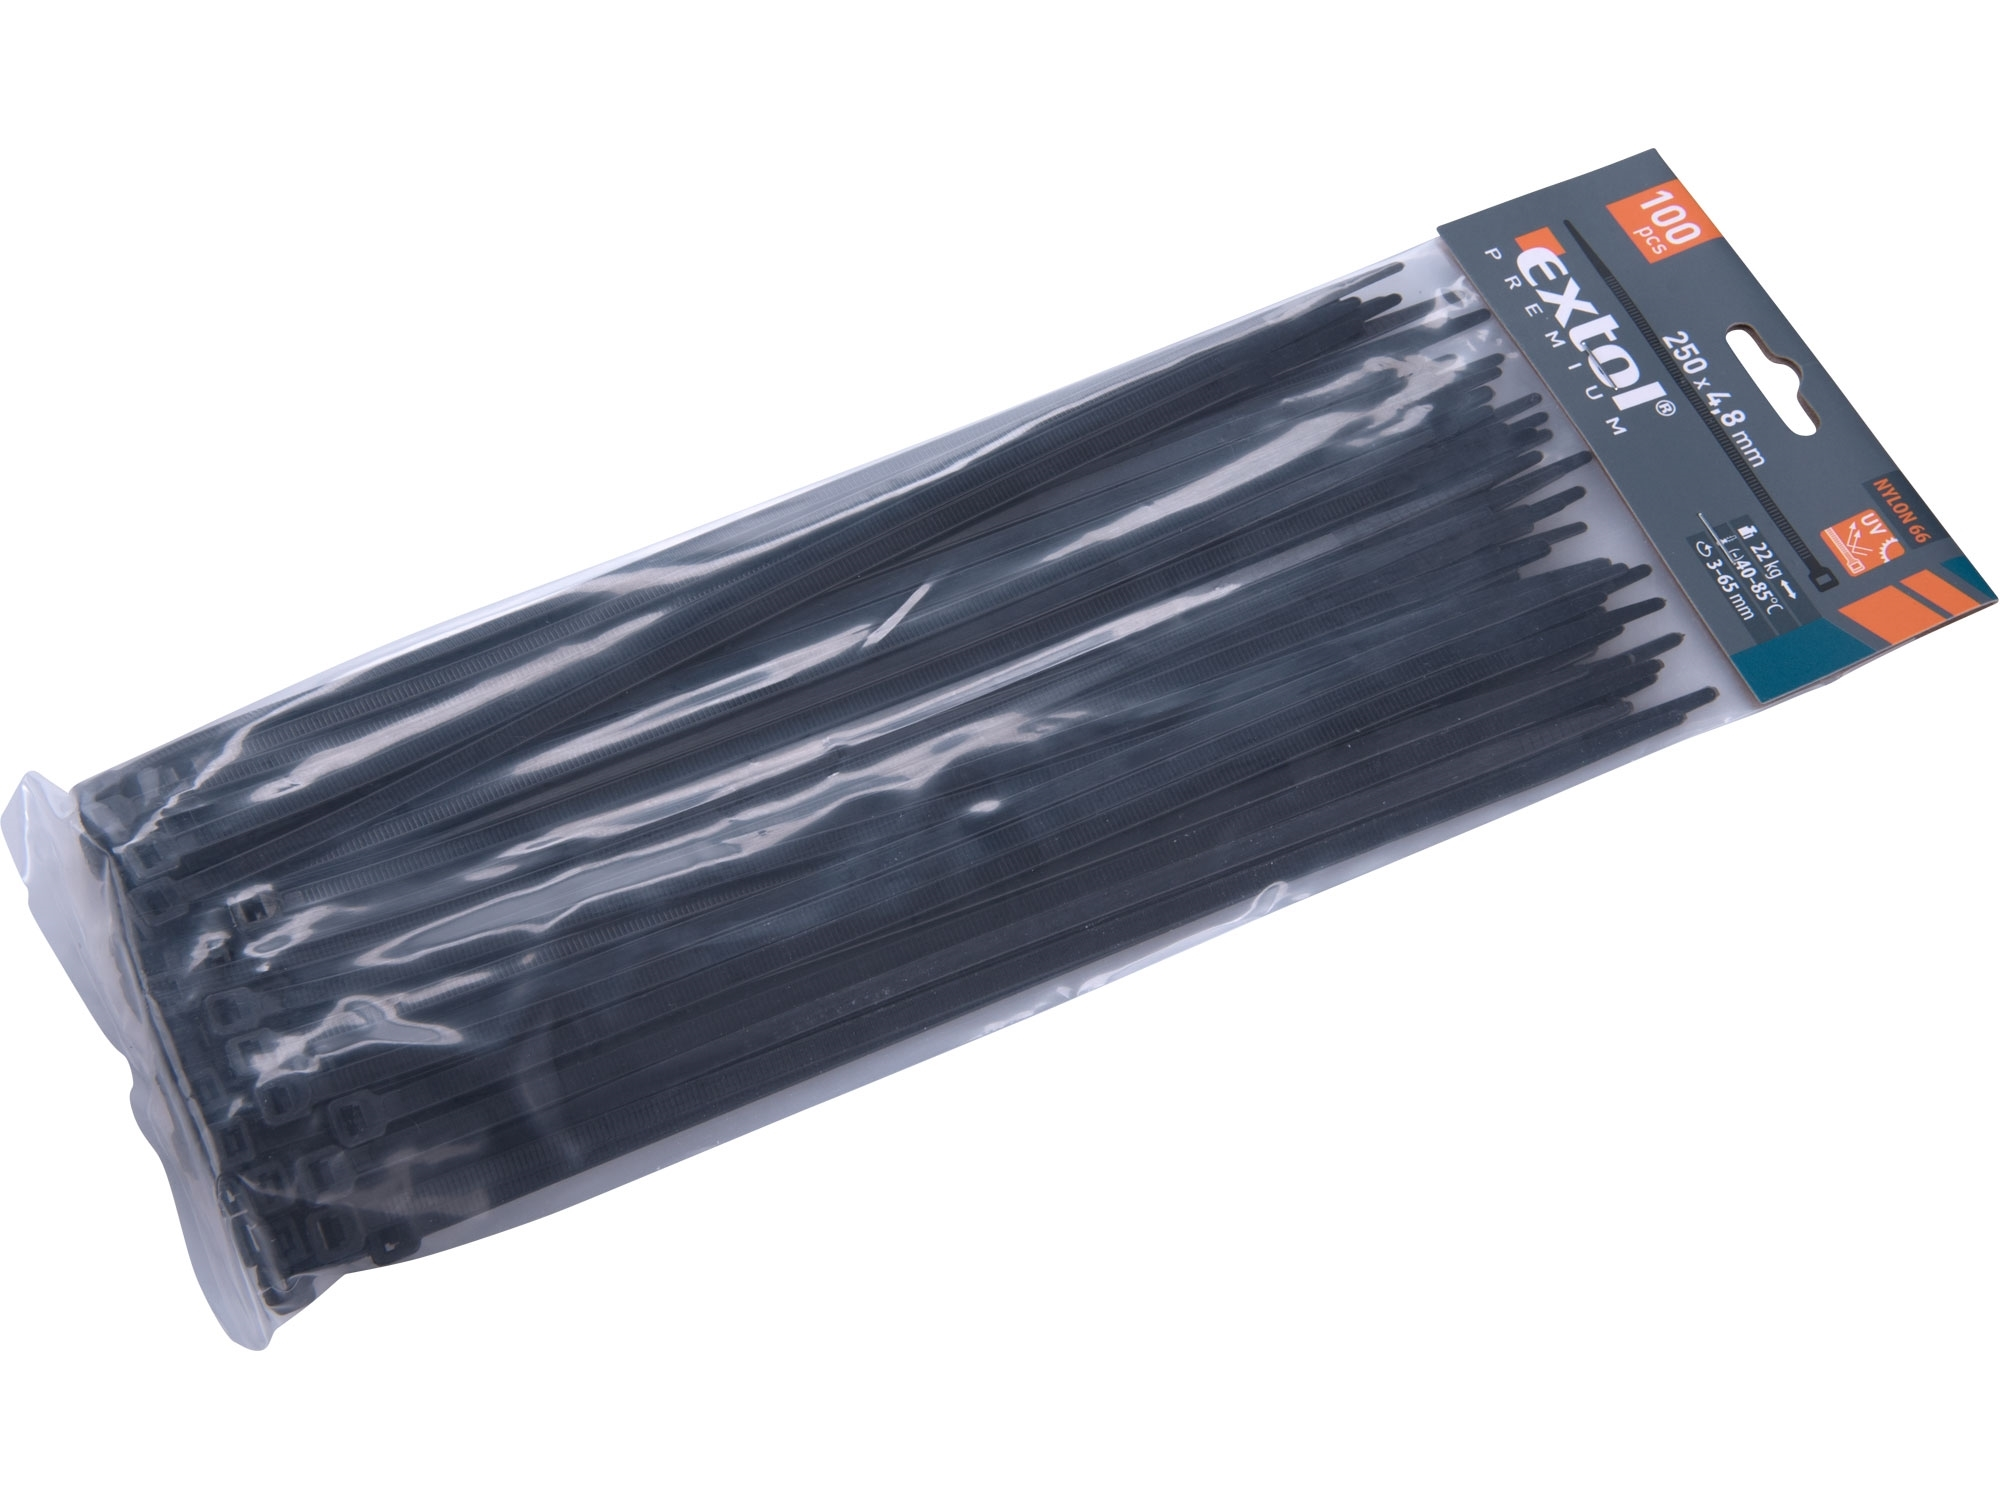 pásky stahovací černé, 250x4,8mm, 100ks, nylon